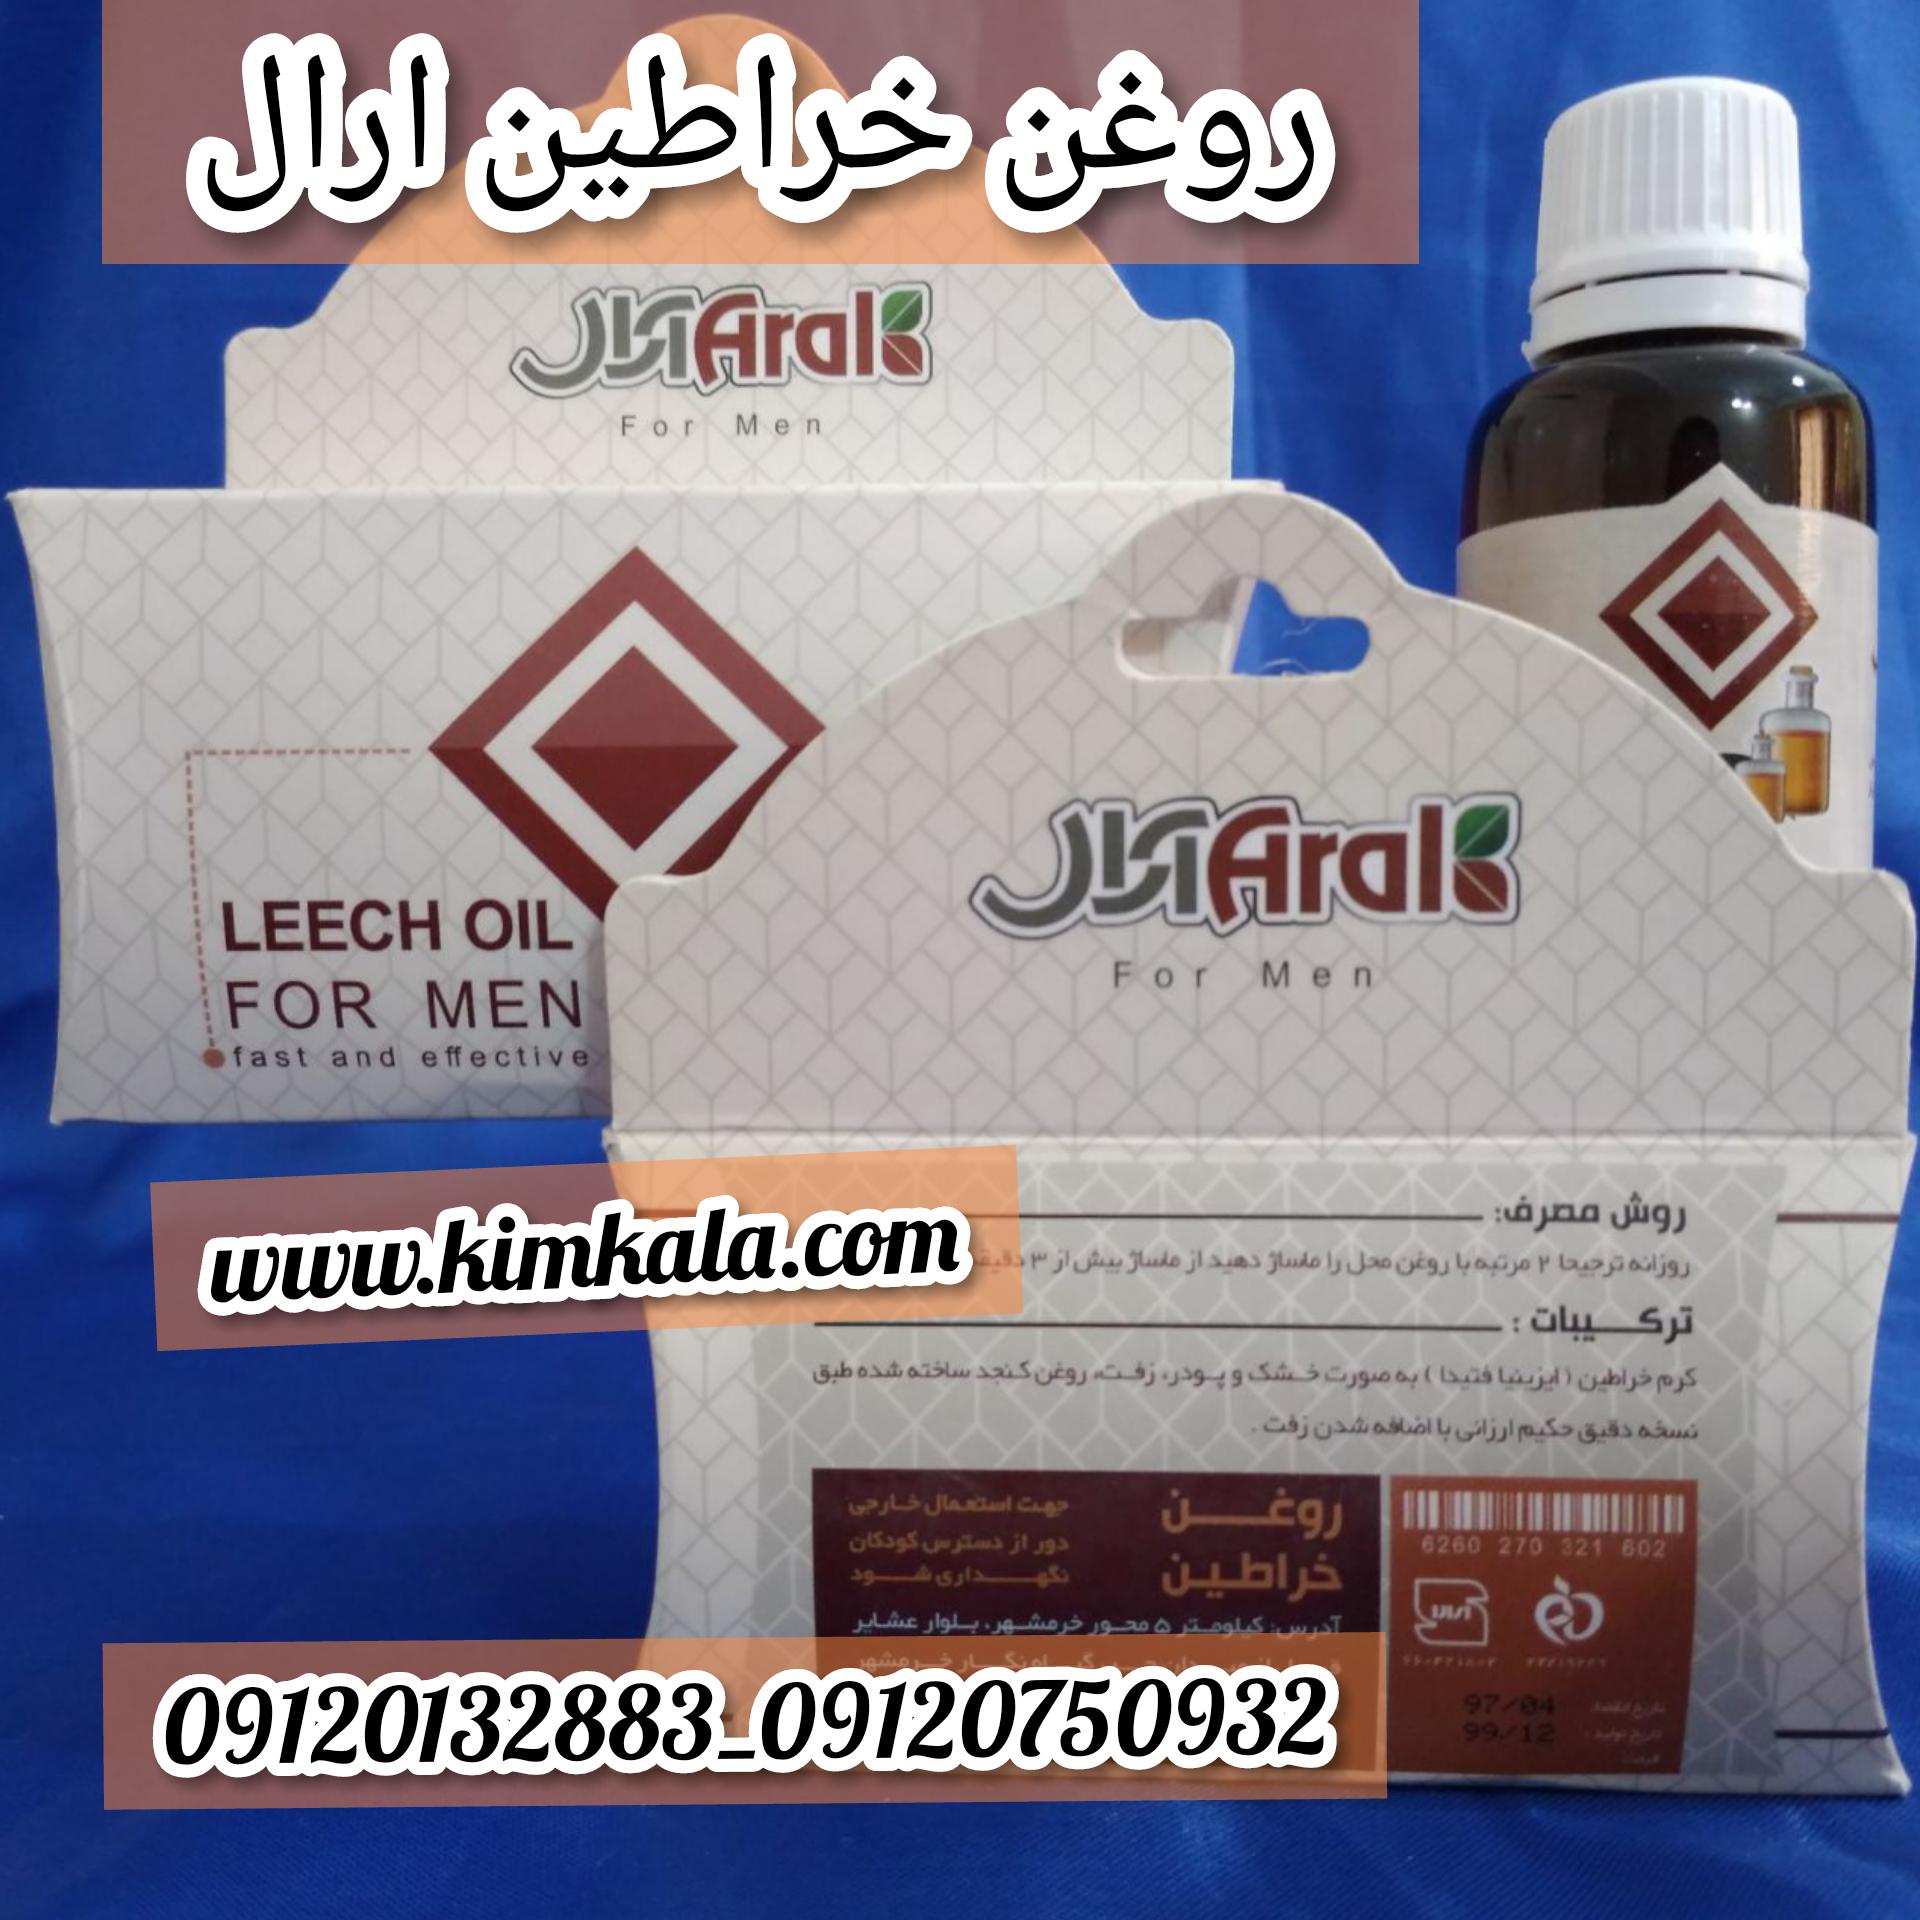 روغن خراطین آرال۰۹۱۲۰۱۳۲۸۸۳/قیمت روغن خراطین